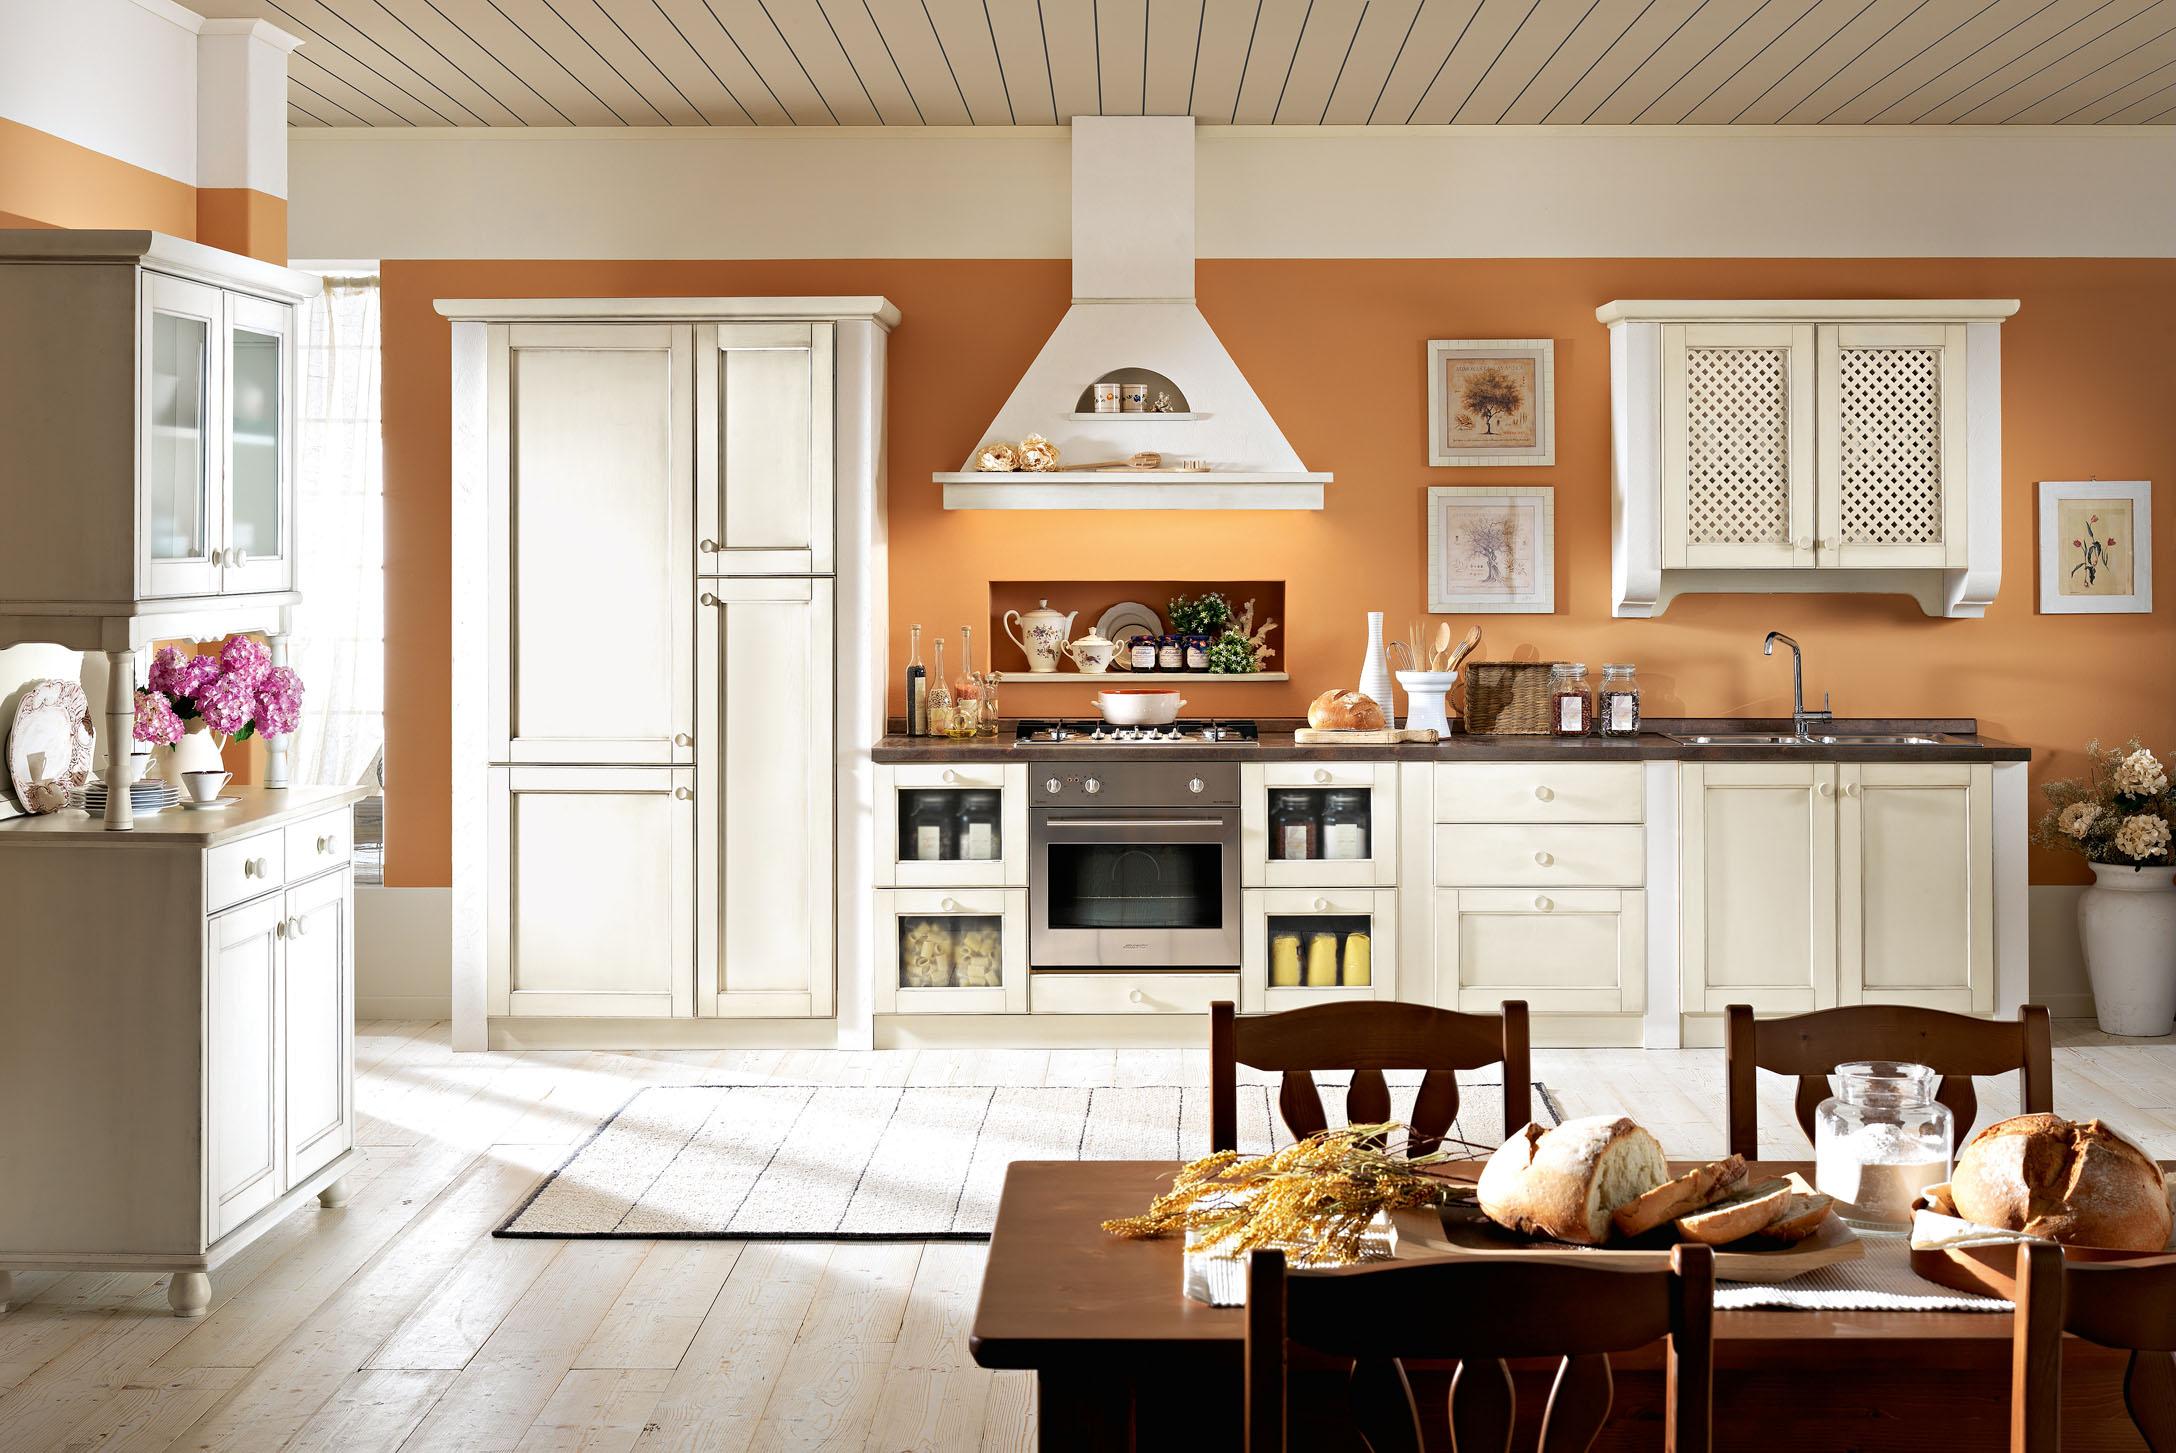 Linea 3 mobili – Natura – Cucine 6 – Linea 3